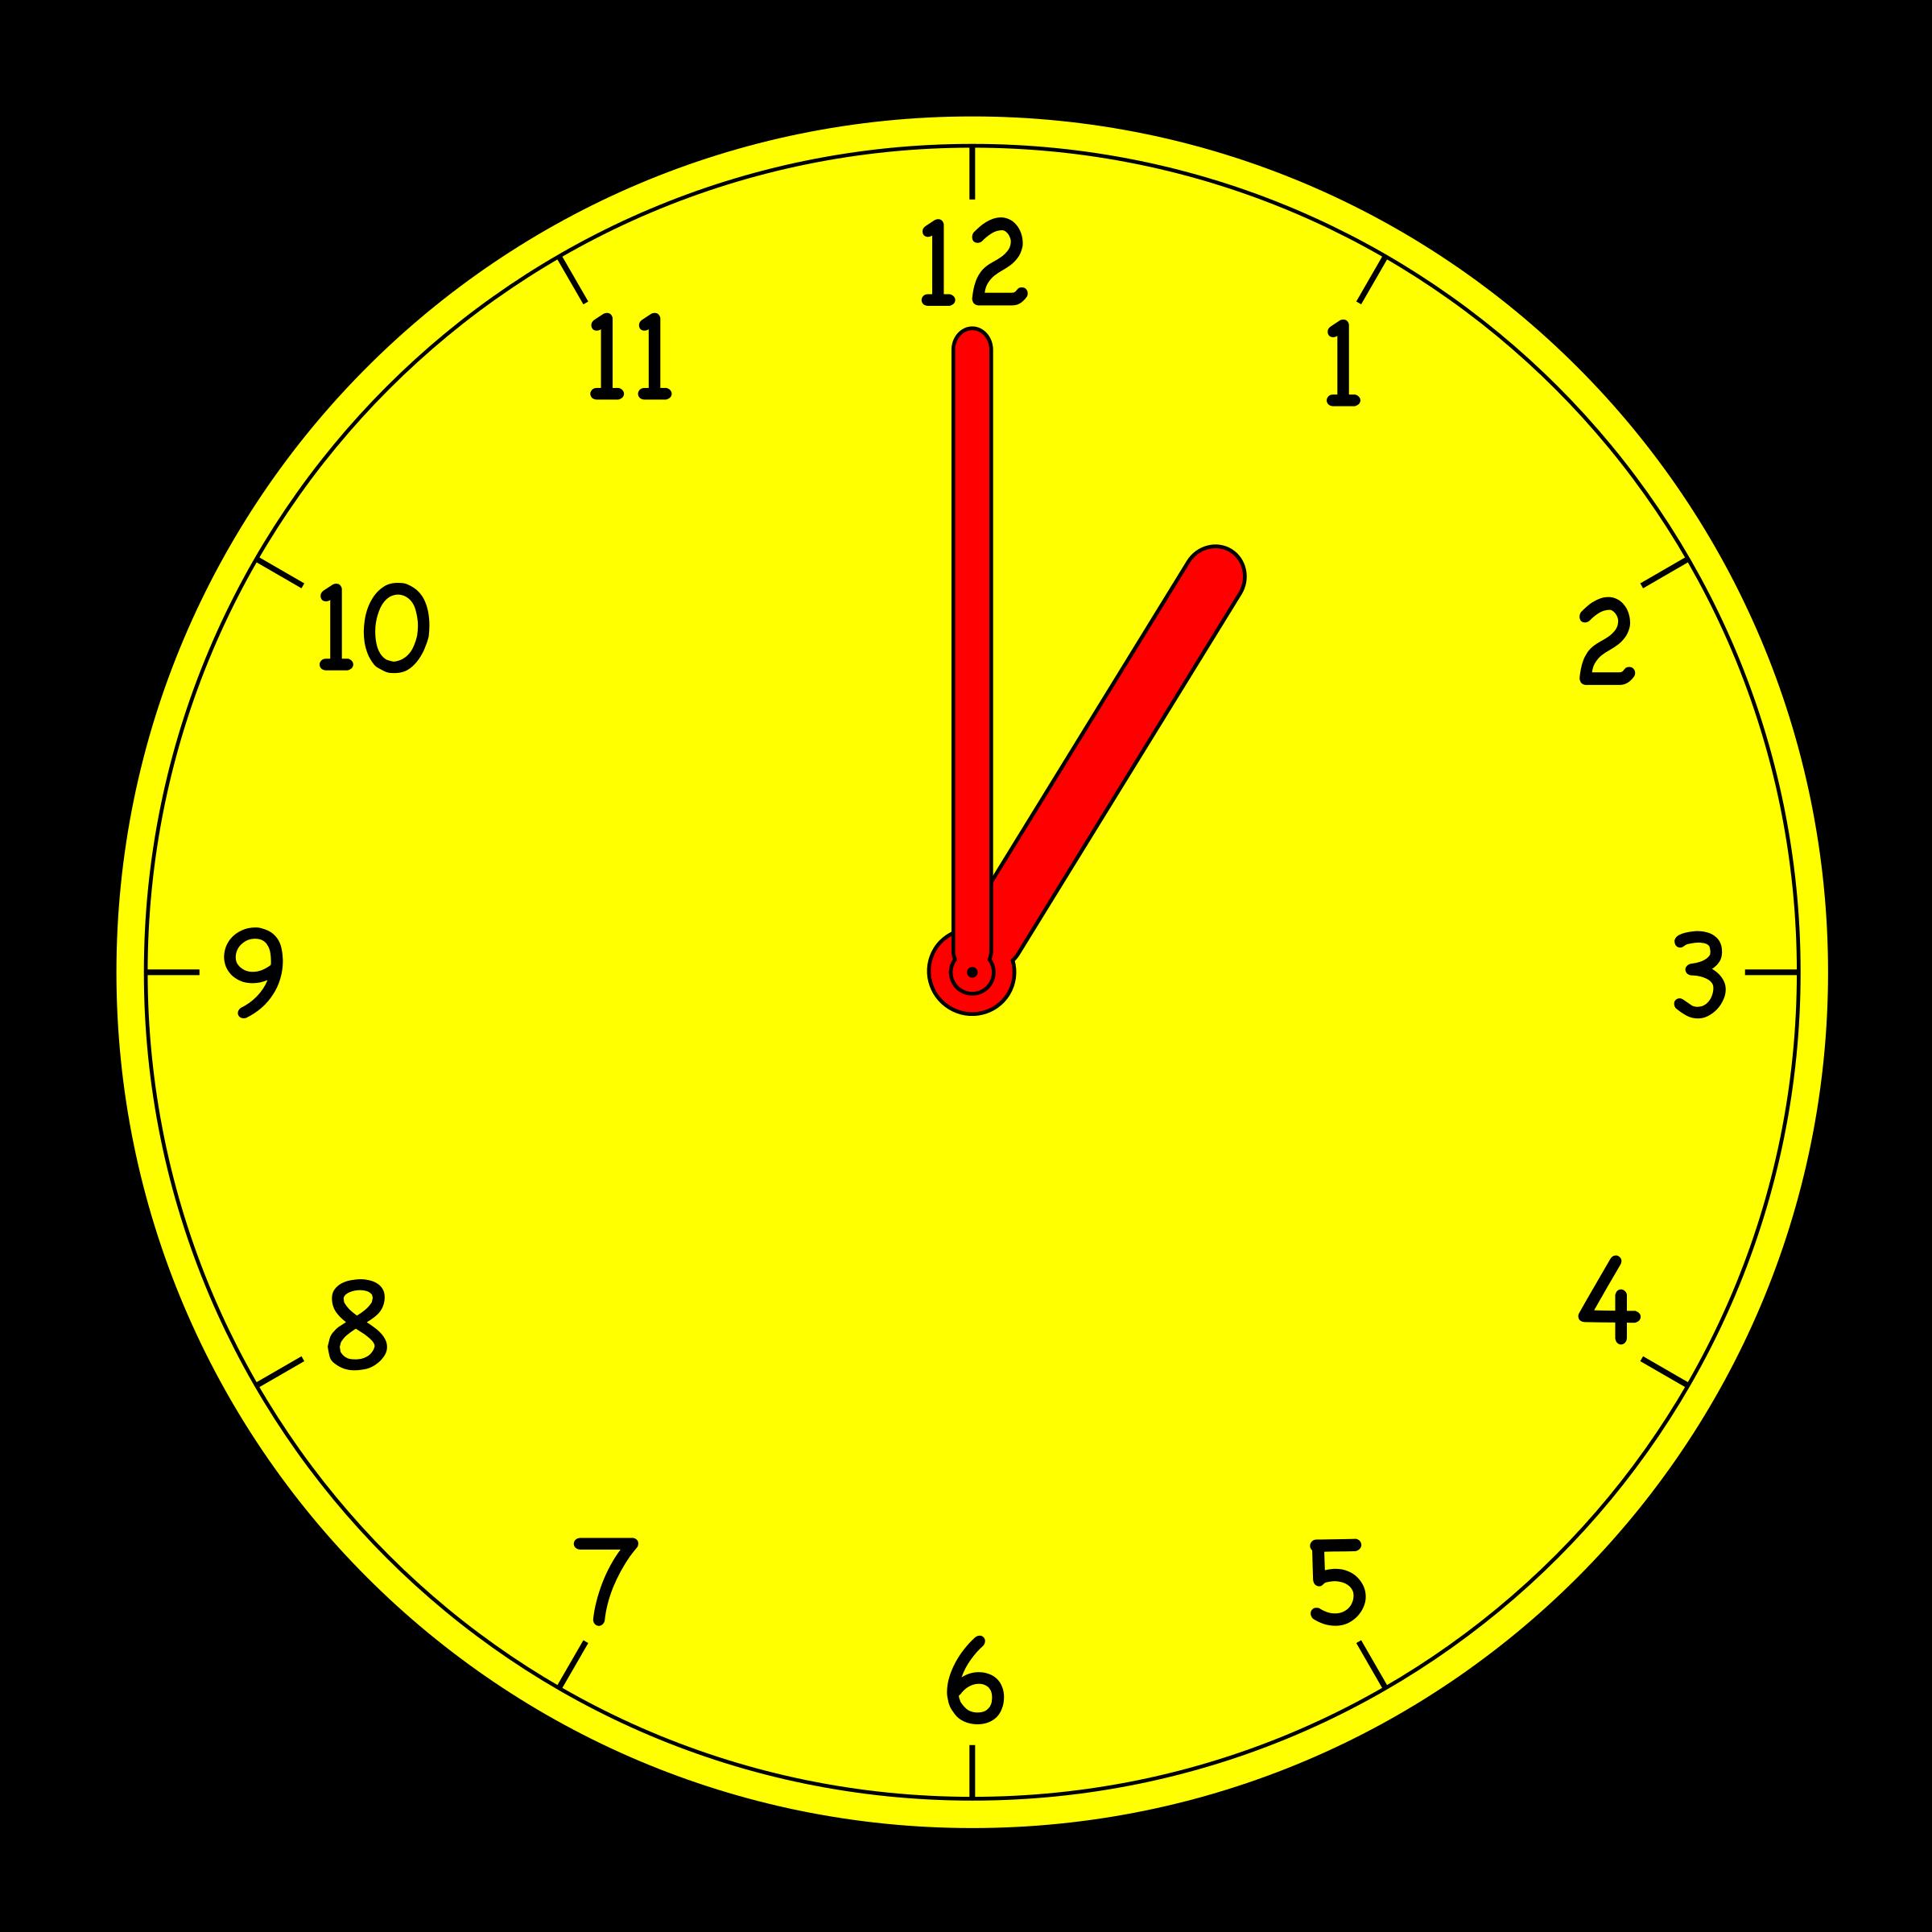 Big image png. Clock clipart half hour